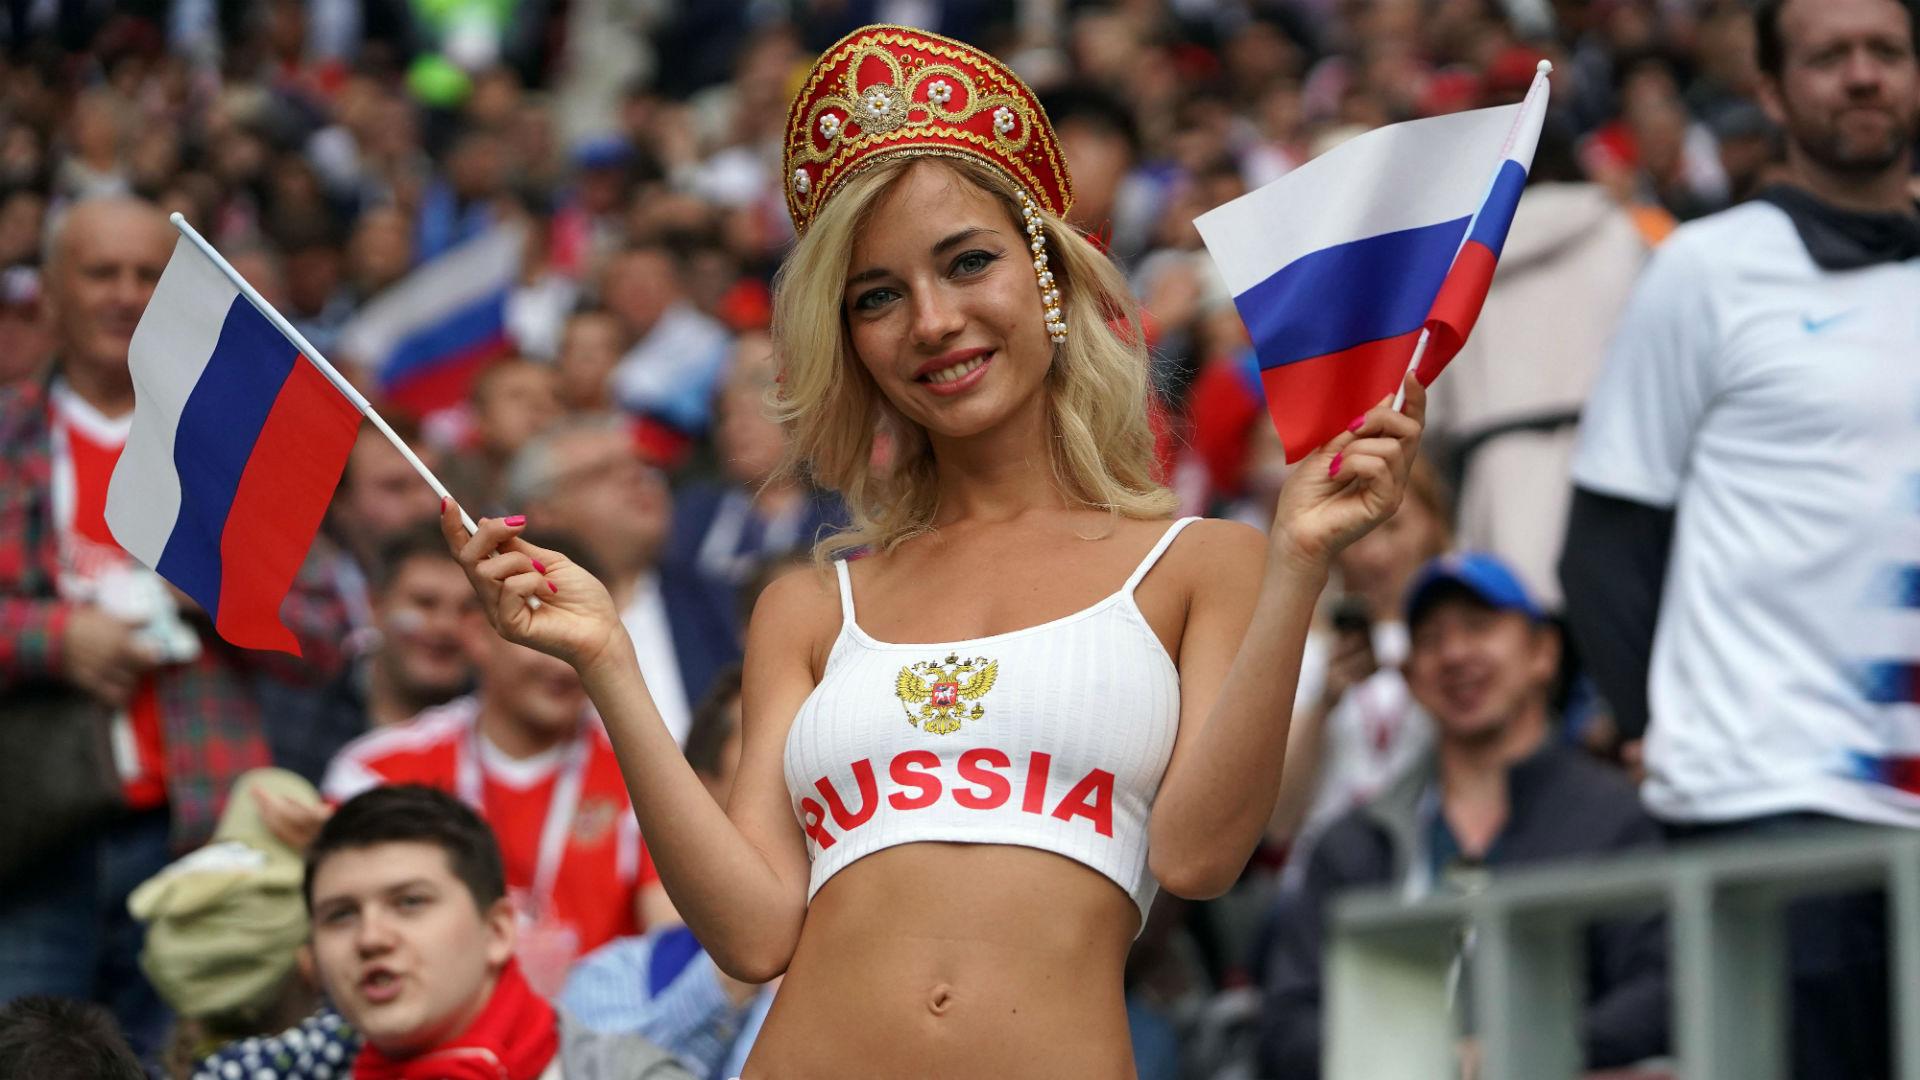 Actrices Porno Rusas Joven descubren que la fan rusa que deslumbró en el mundial es